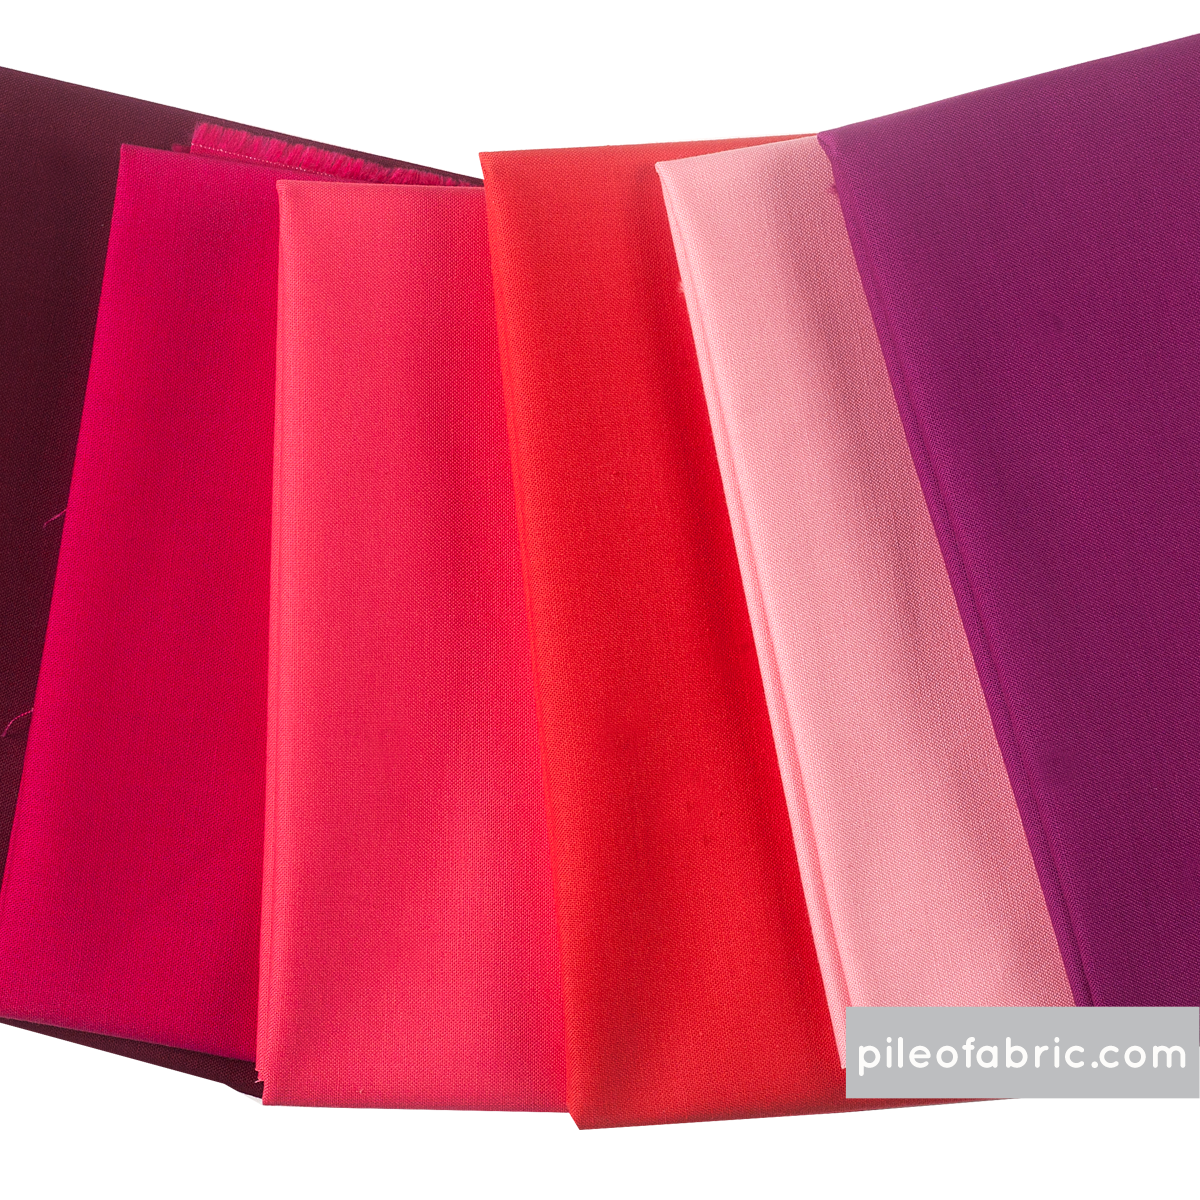 Berrylicious Bundle in Solids